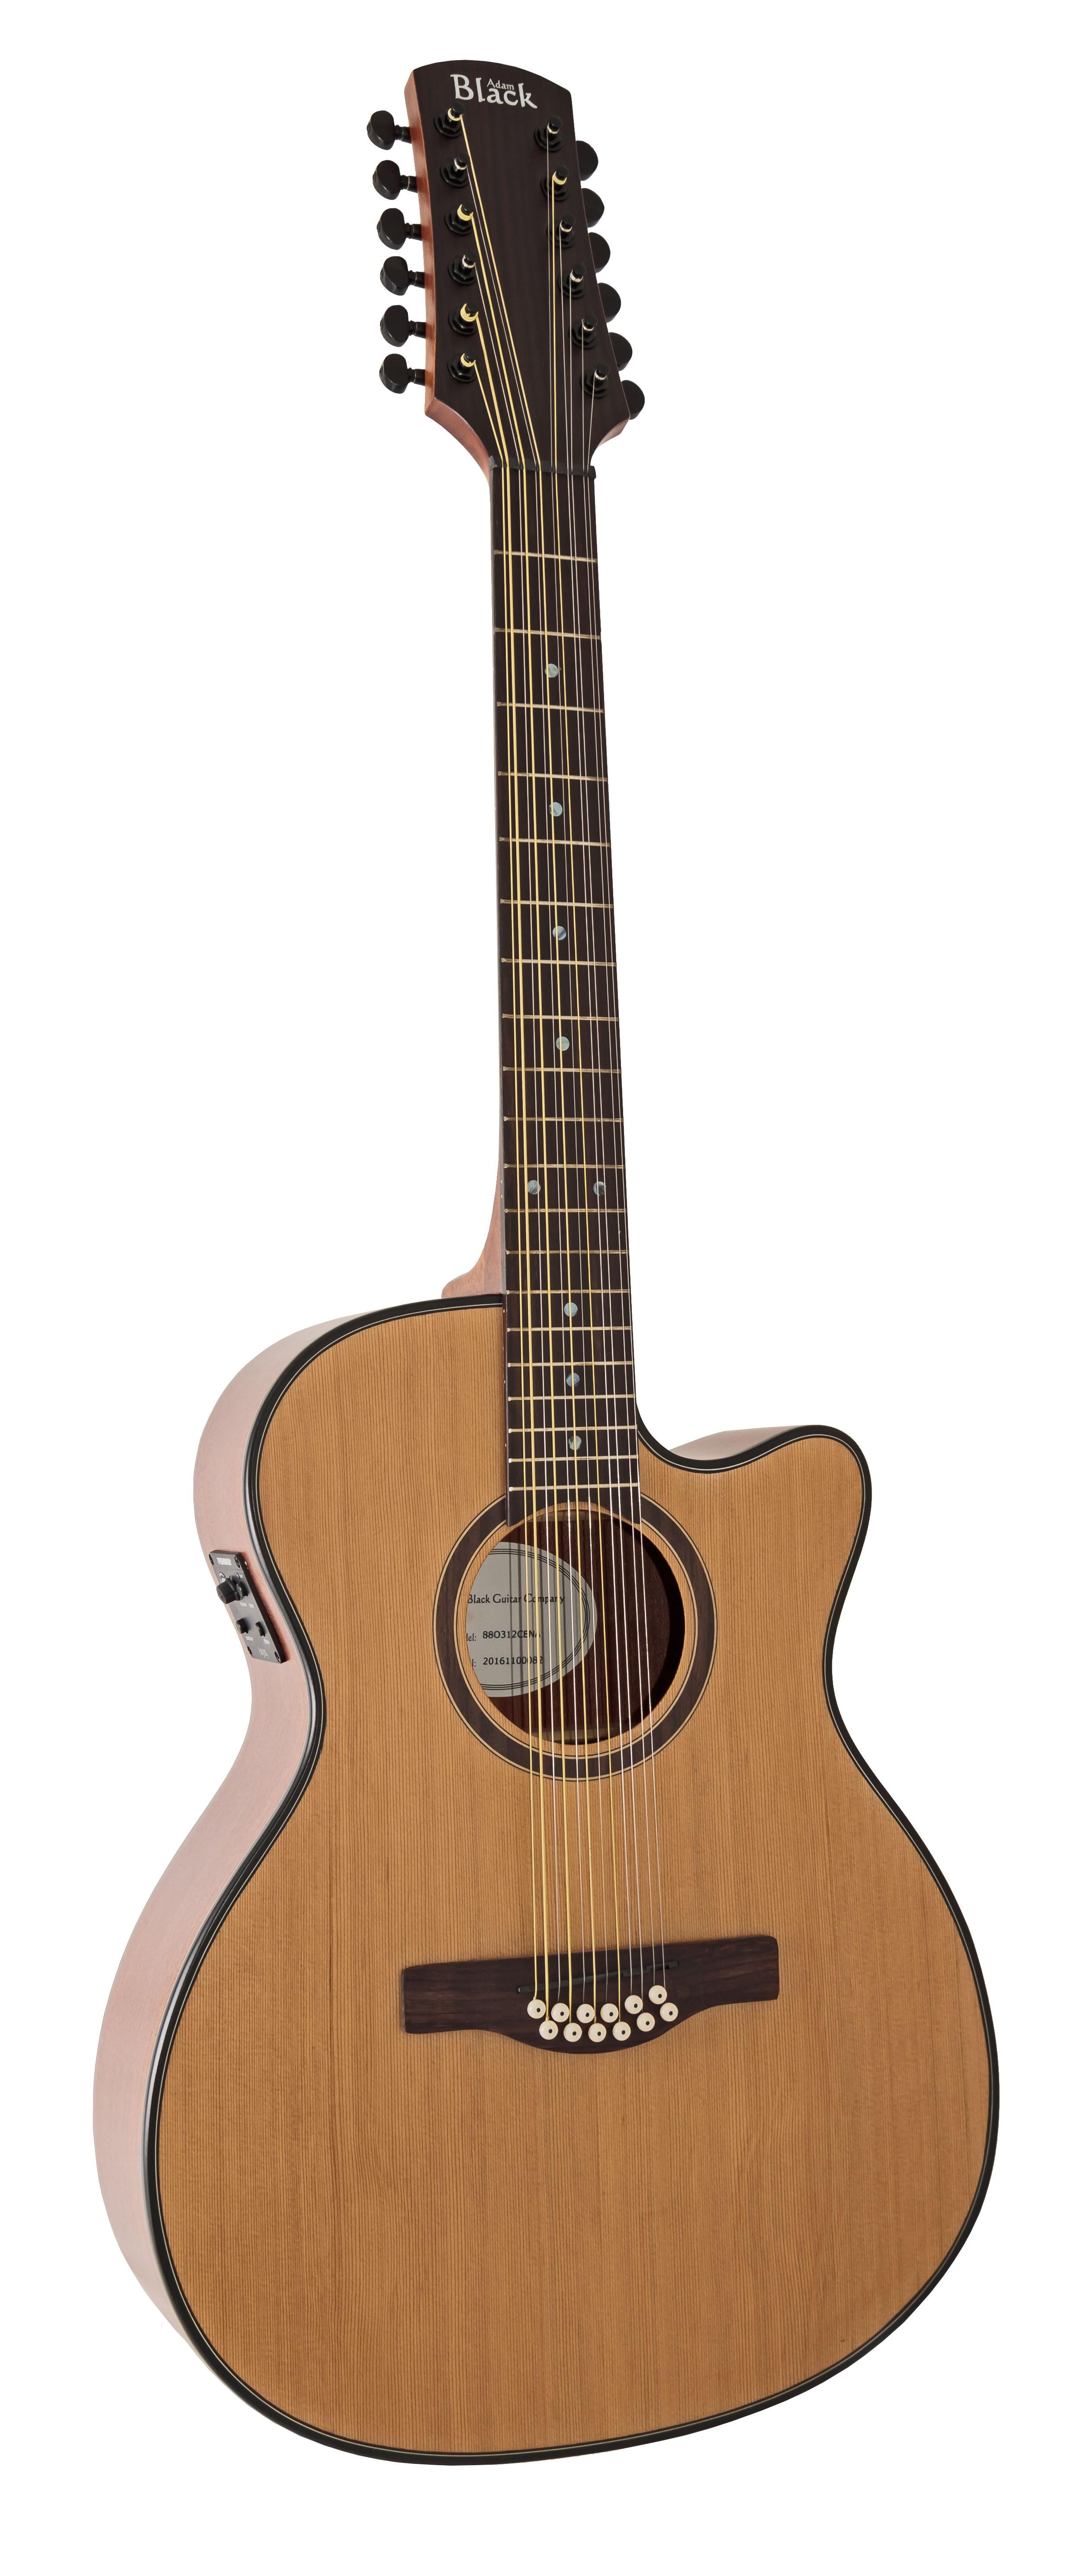 Adam Black O-3/12 CE 12-String